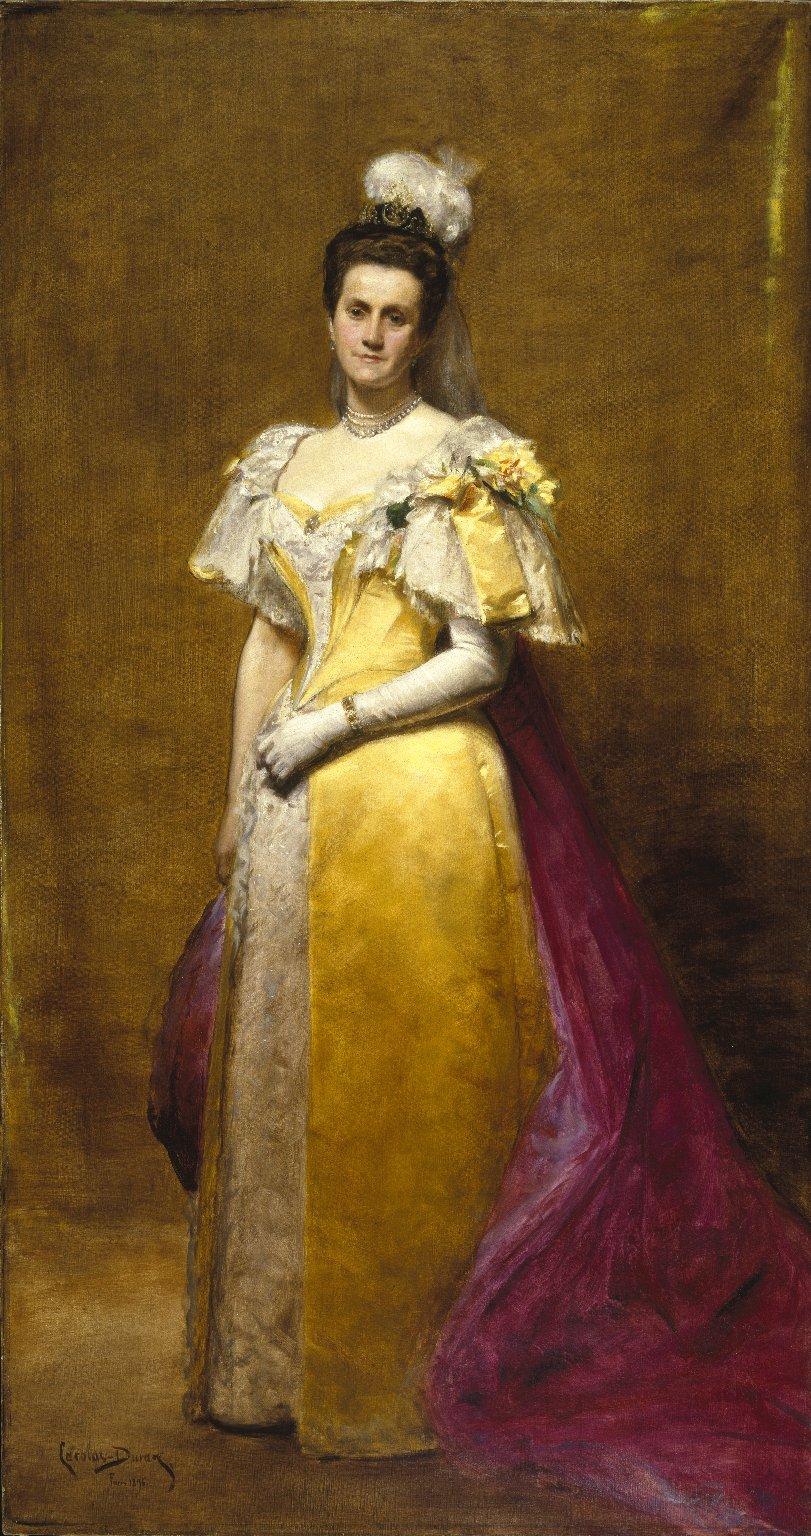 Brooklyn_Museum_-_Portrait_of_Emily_Warren_Roebling_-_Charles-Émile-Auguste_Carolus-Duran.jpg